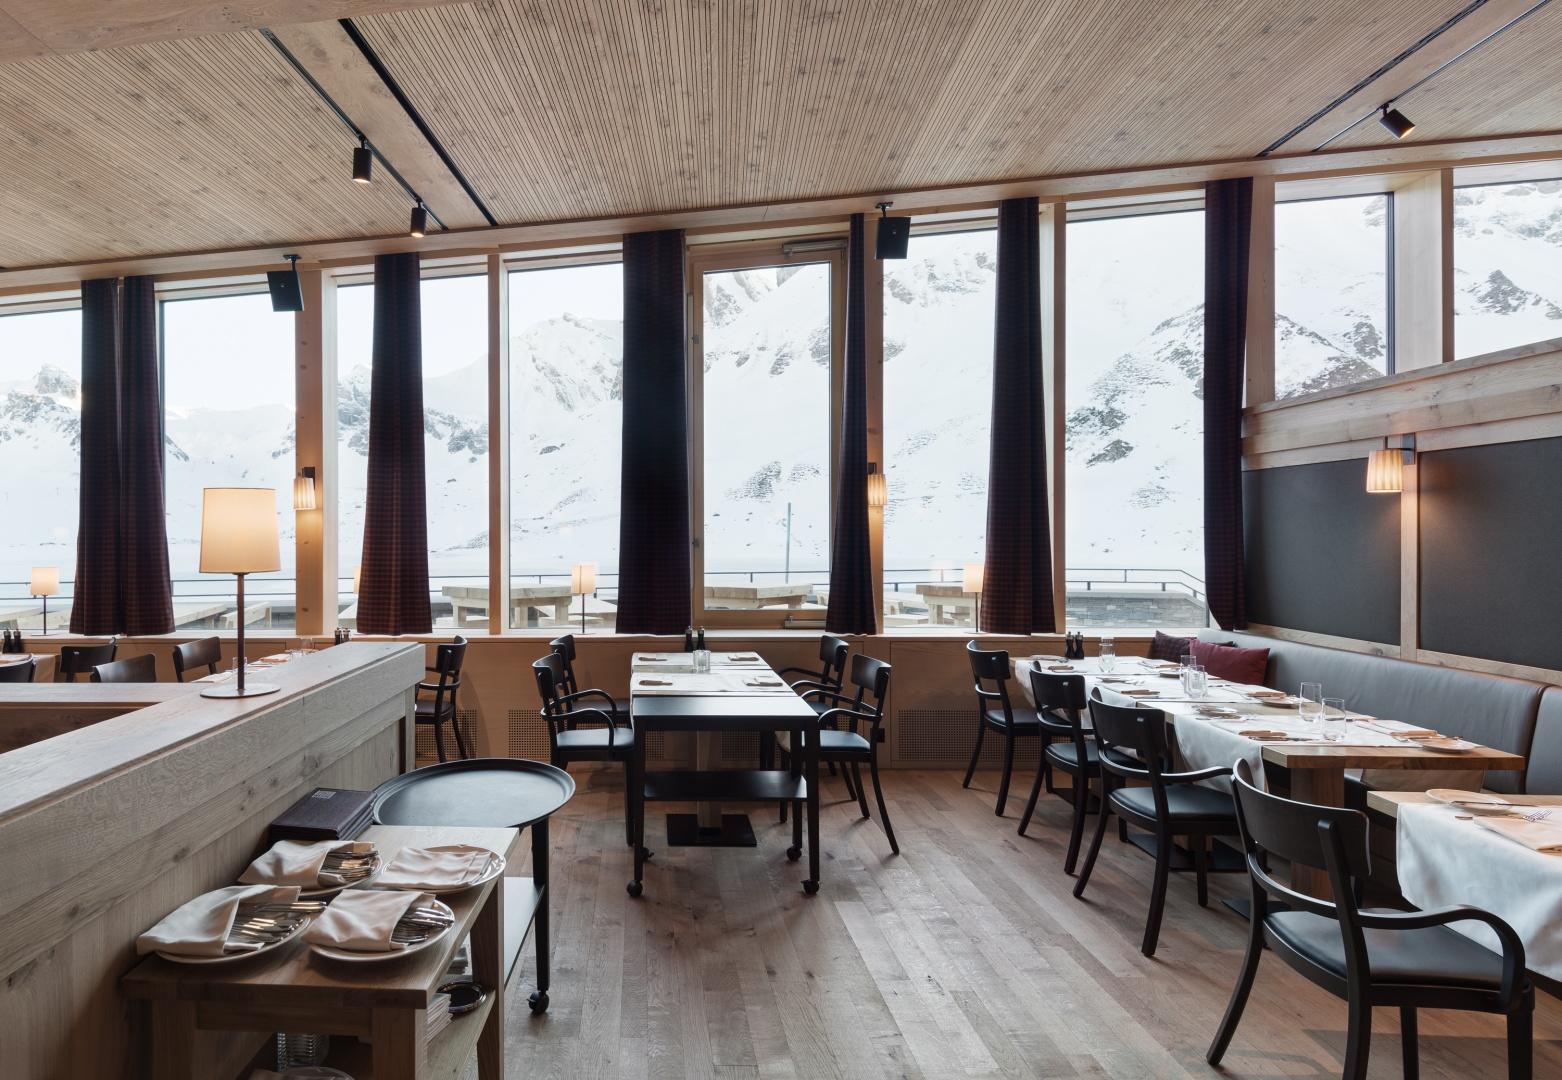 Restaurant © Ulrich Stockhaus, Fotograf, Zürich